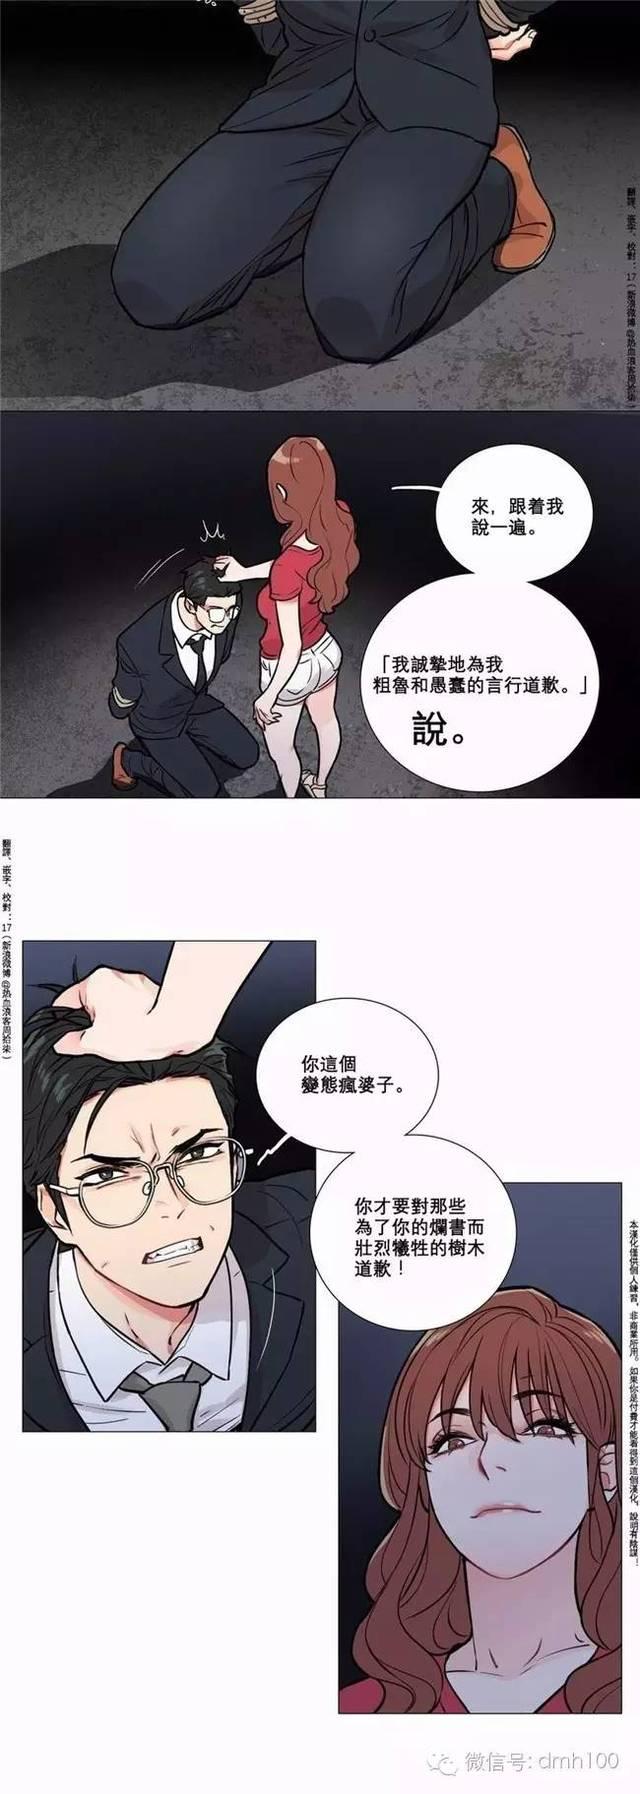 韩国小清新漫画《虐美人》第五话